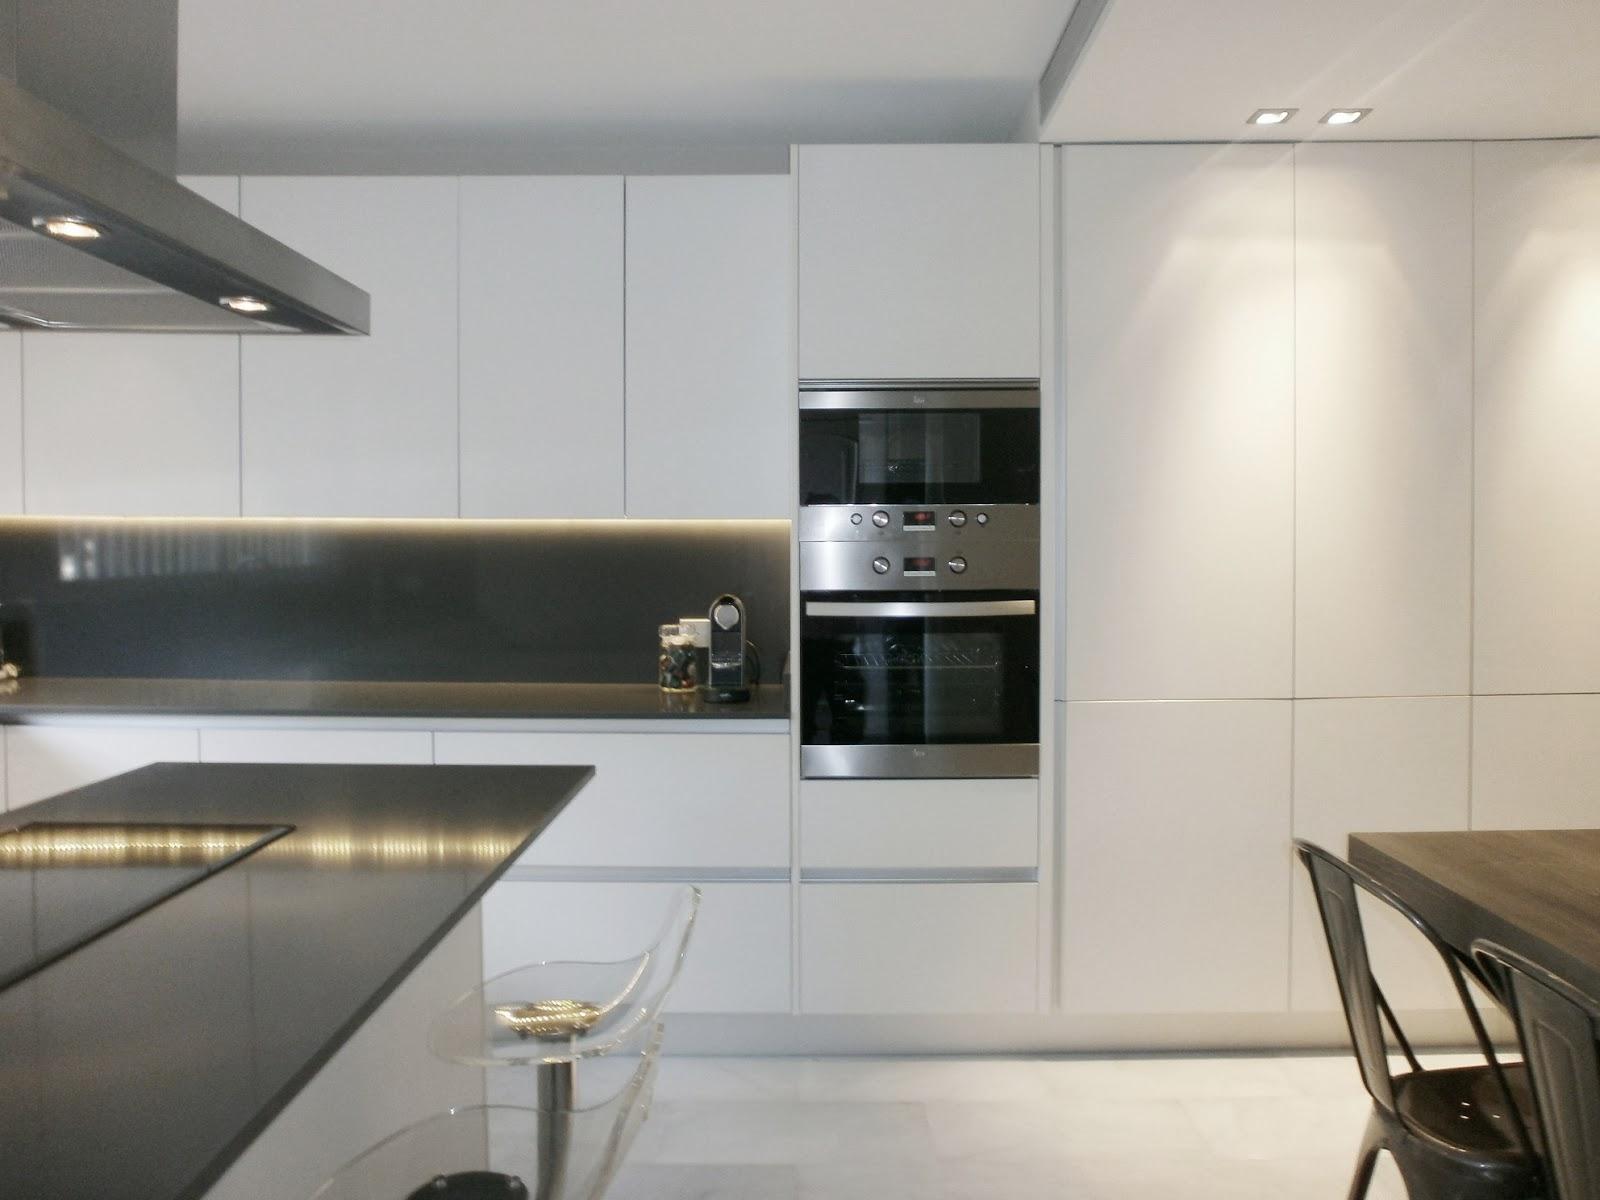 Encantadora cocina blanca independiente con isla y office for Cocinas con isla precios